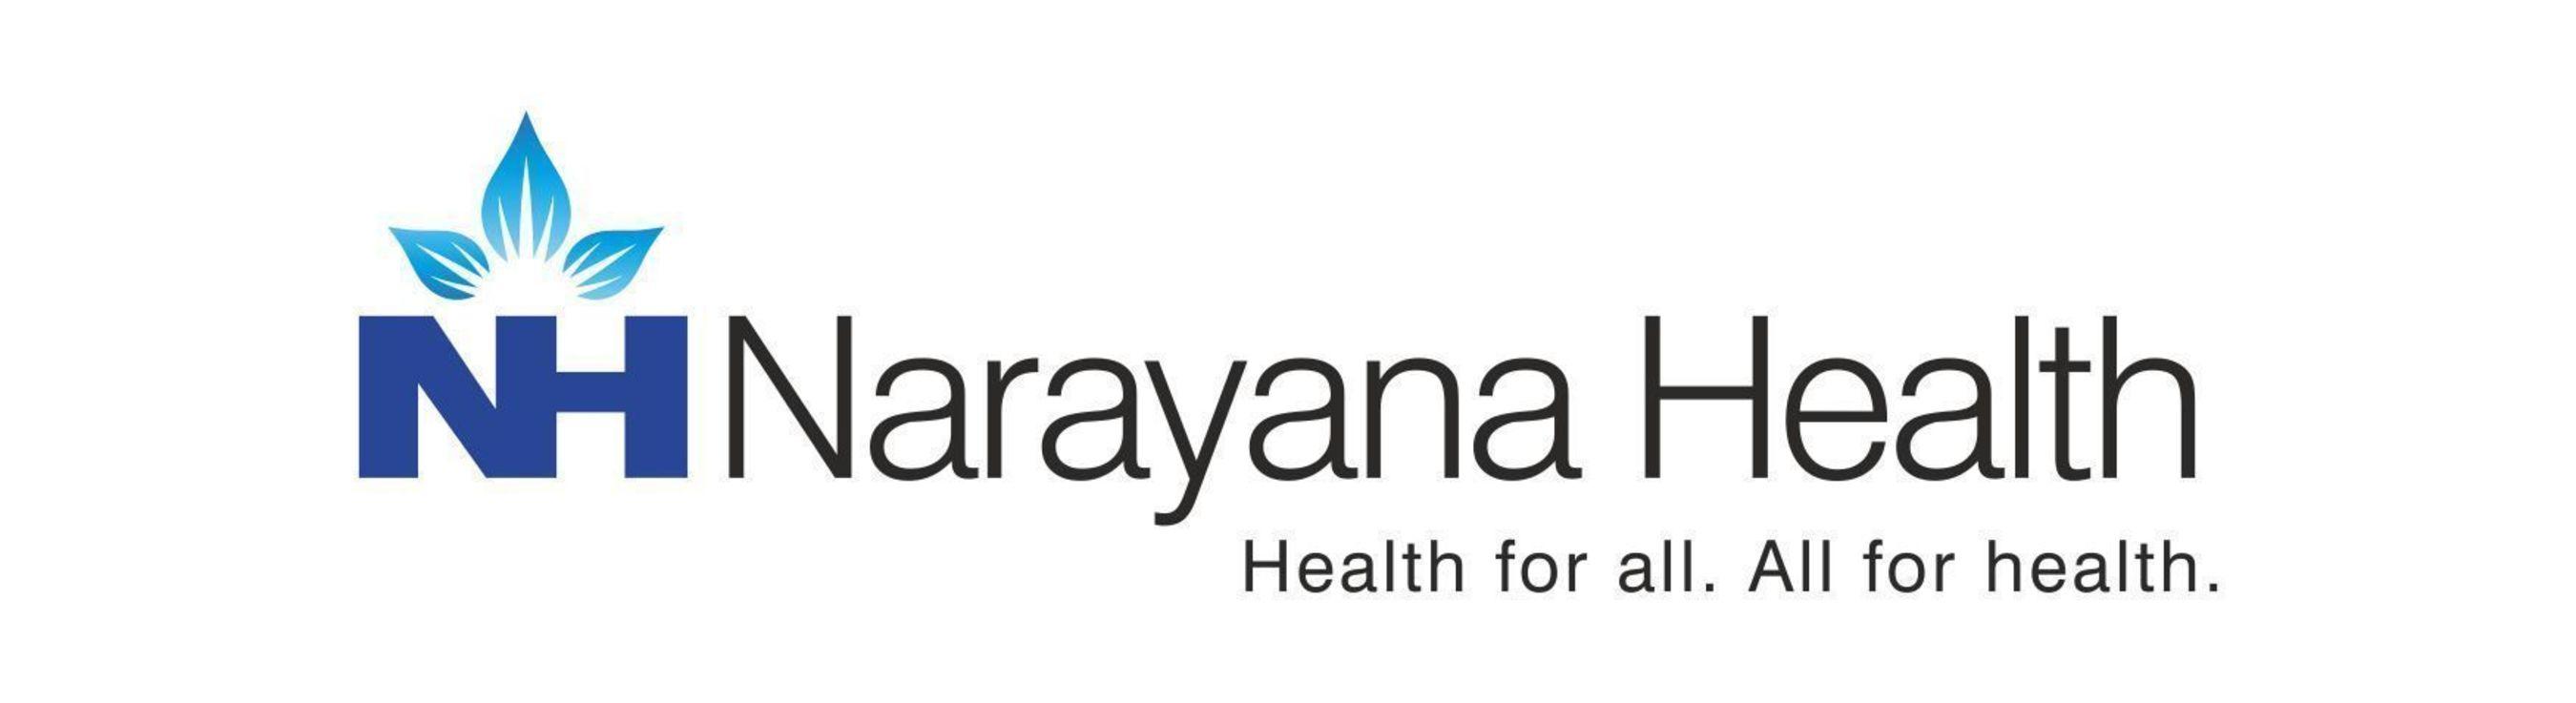 Narayana Health - Logo (PRNewsFoto/Narayana Health)